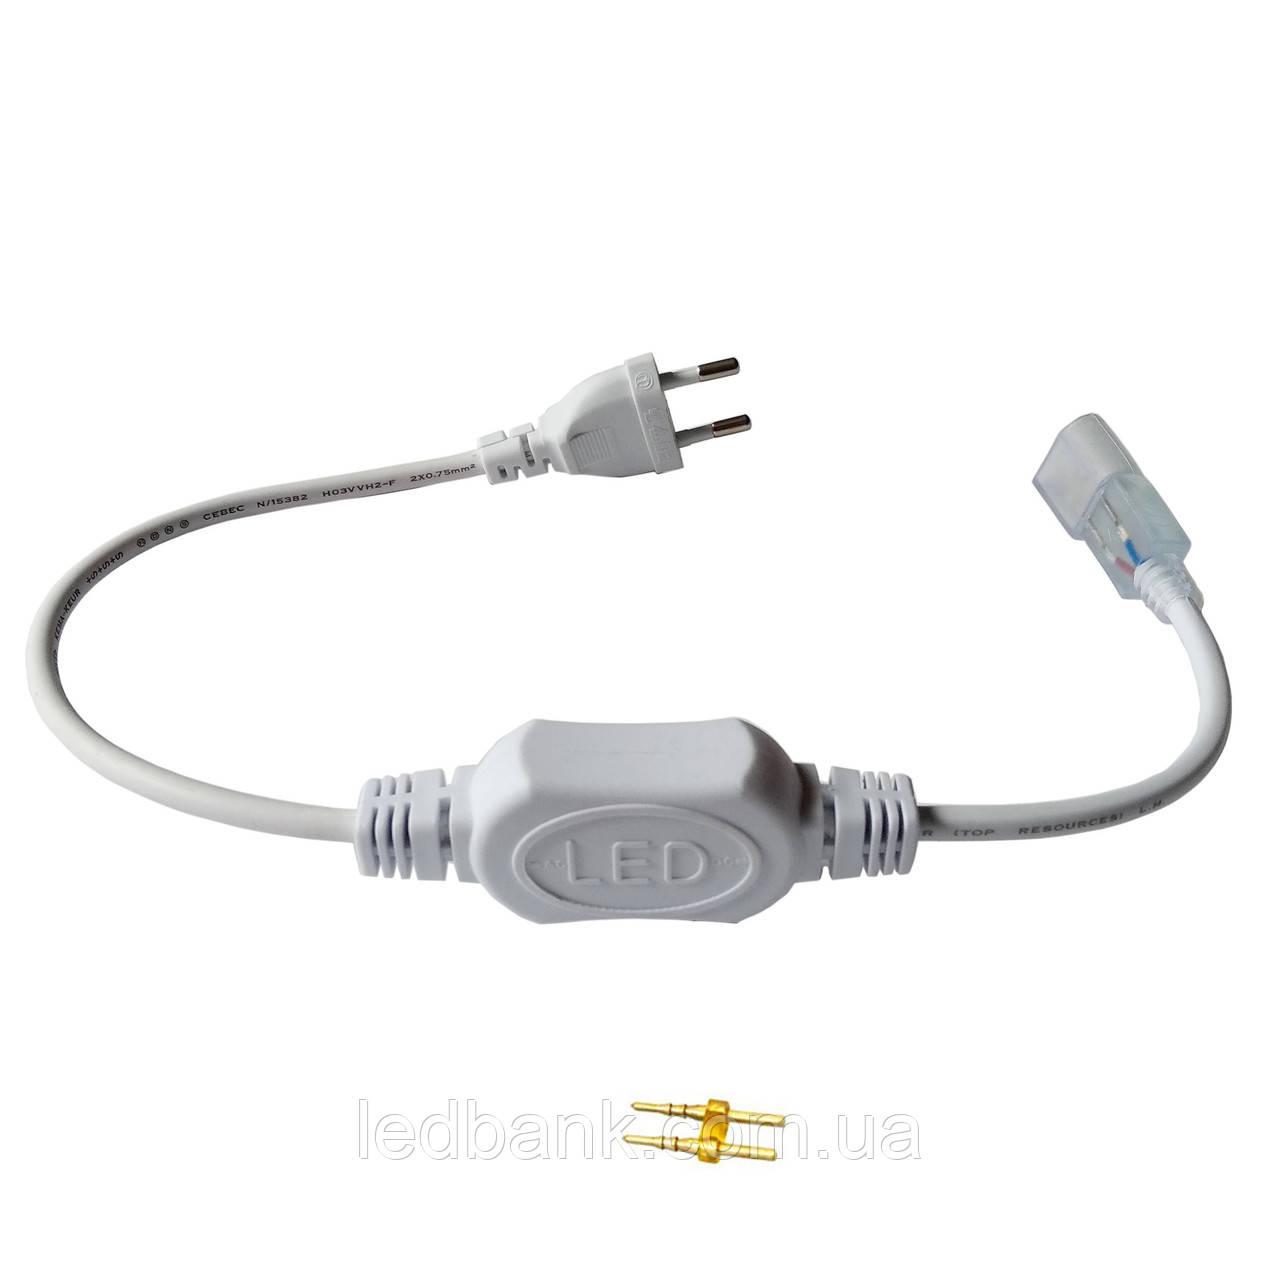 Шнур питания для LED Neon 220V до 100 метров